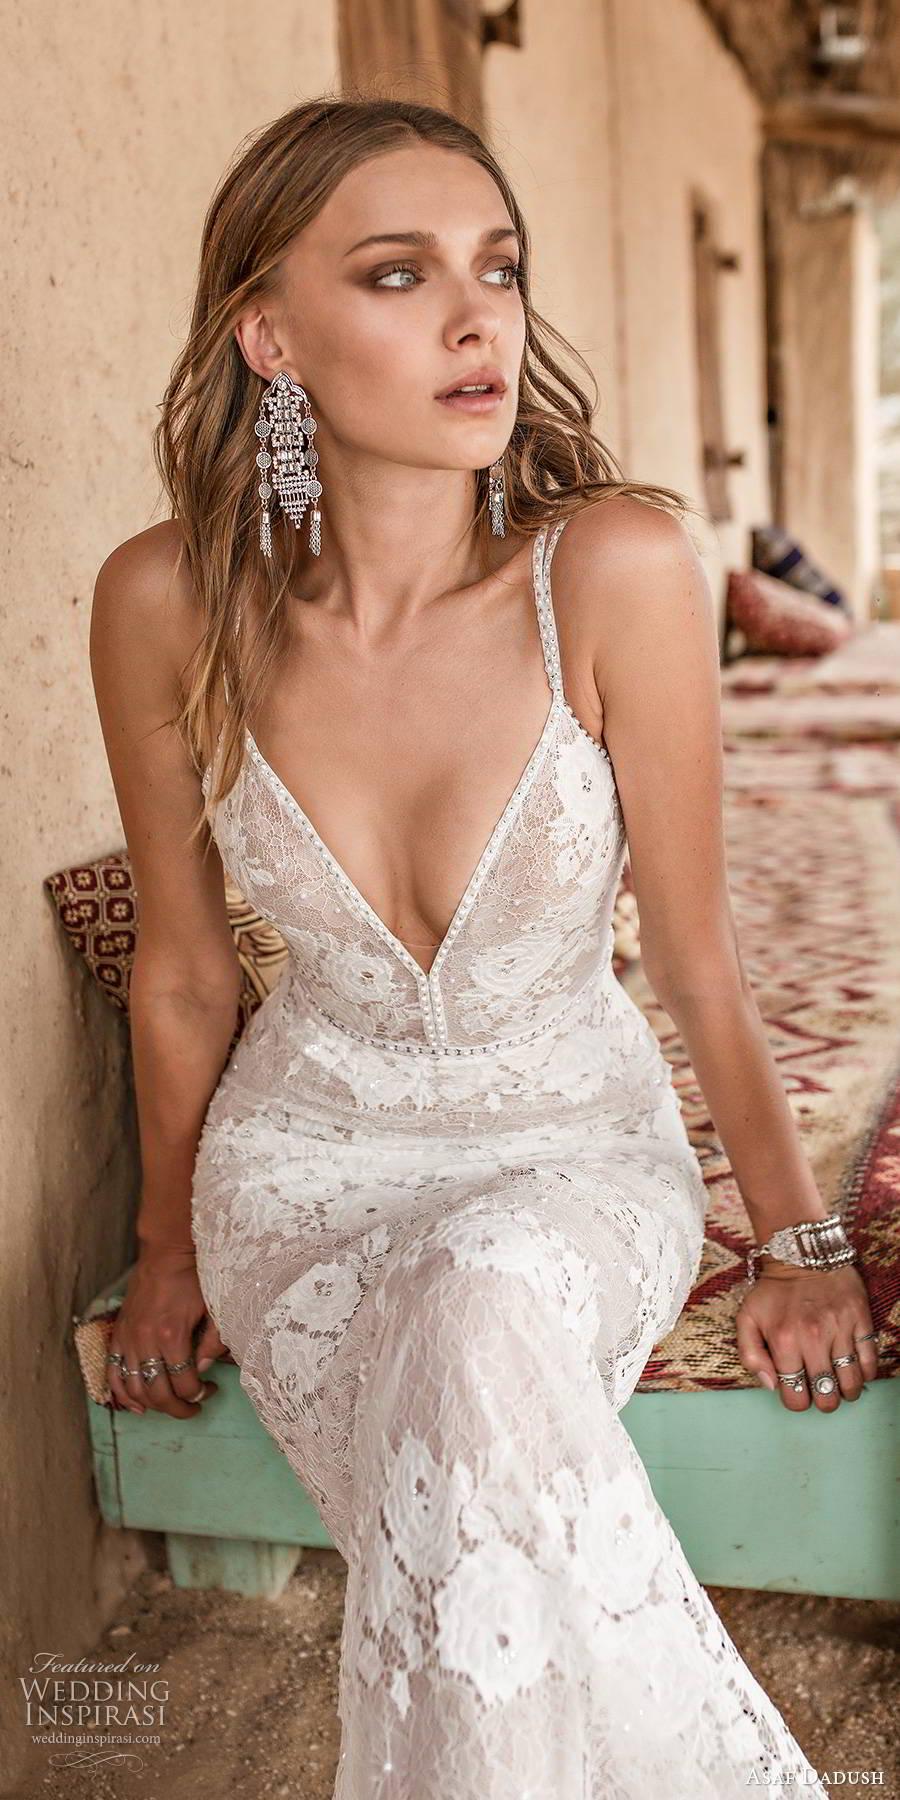 asaf dadush 2019 bridal sleeveless thin straps sweetheart neckline fully embellished lace sexy sheath wedding dress scoop back (2) zv